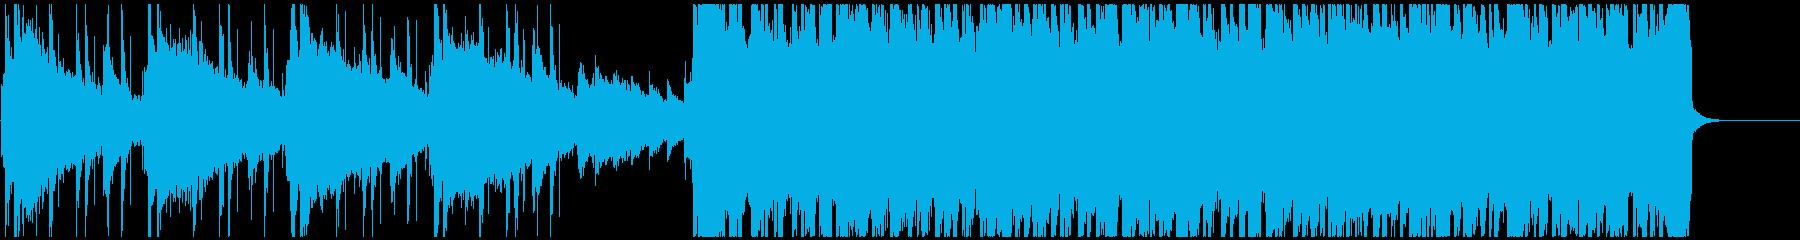 シンプルな骨太ロックの再生済みの波形